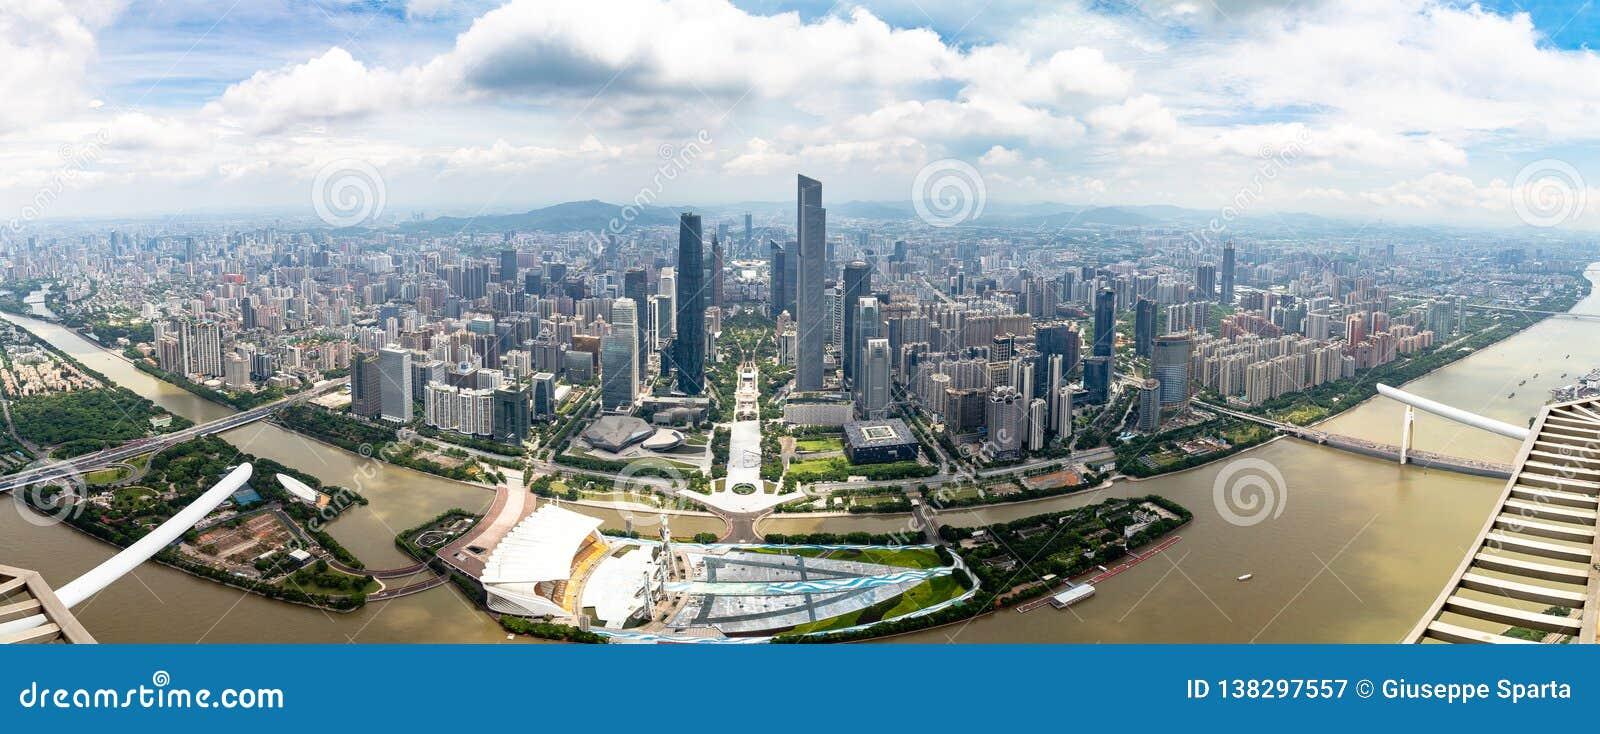 Juli 2017 —Guangzhou, Kina —panoramautsikt av området Guangzhou för central affär och av Pearlet River